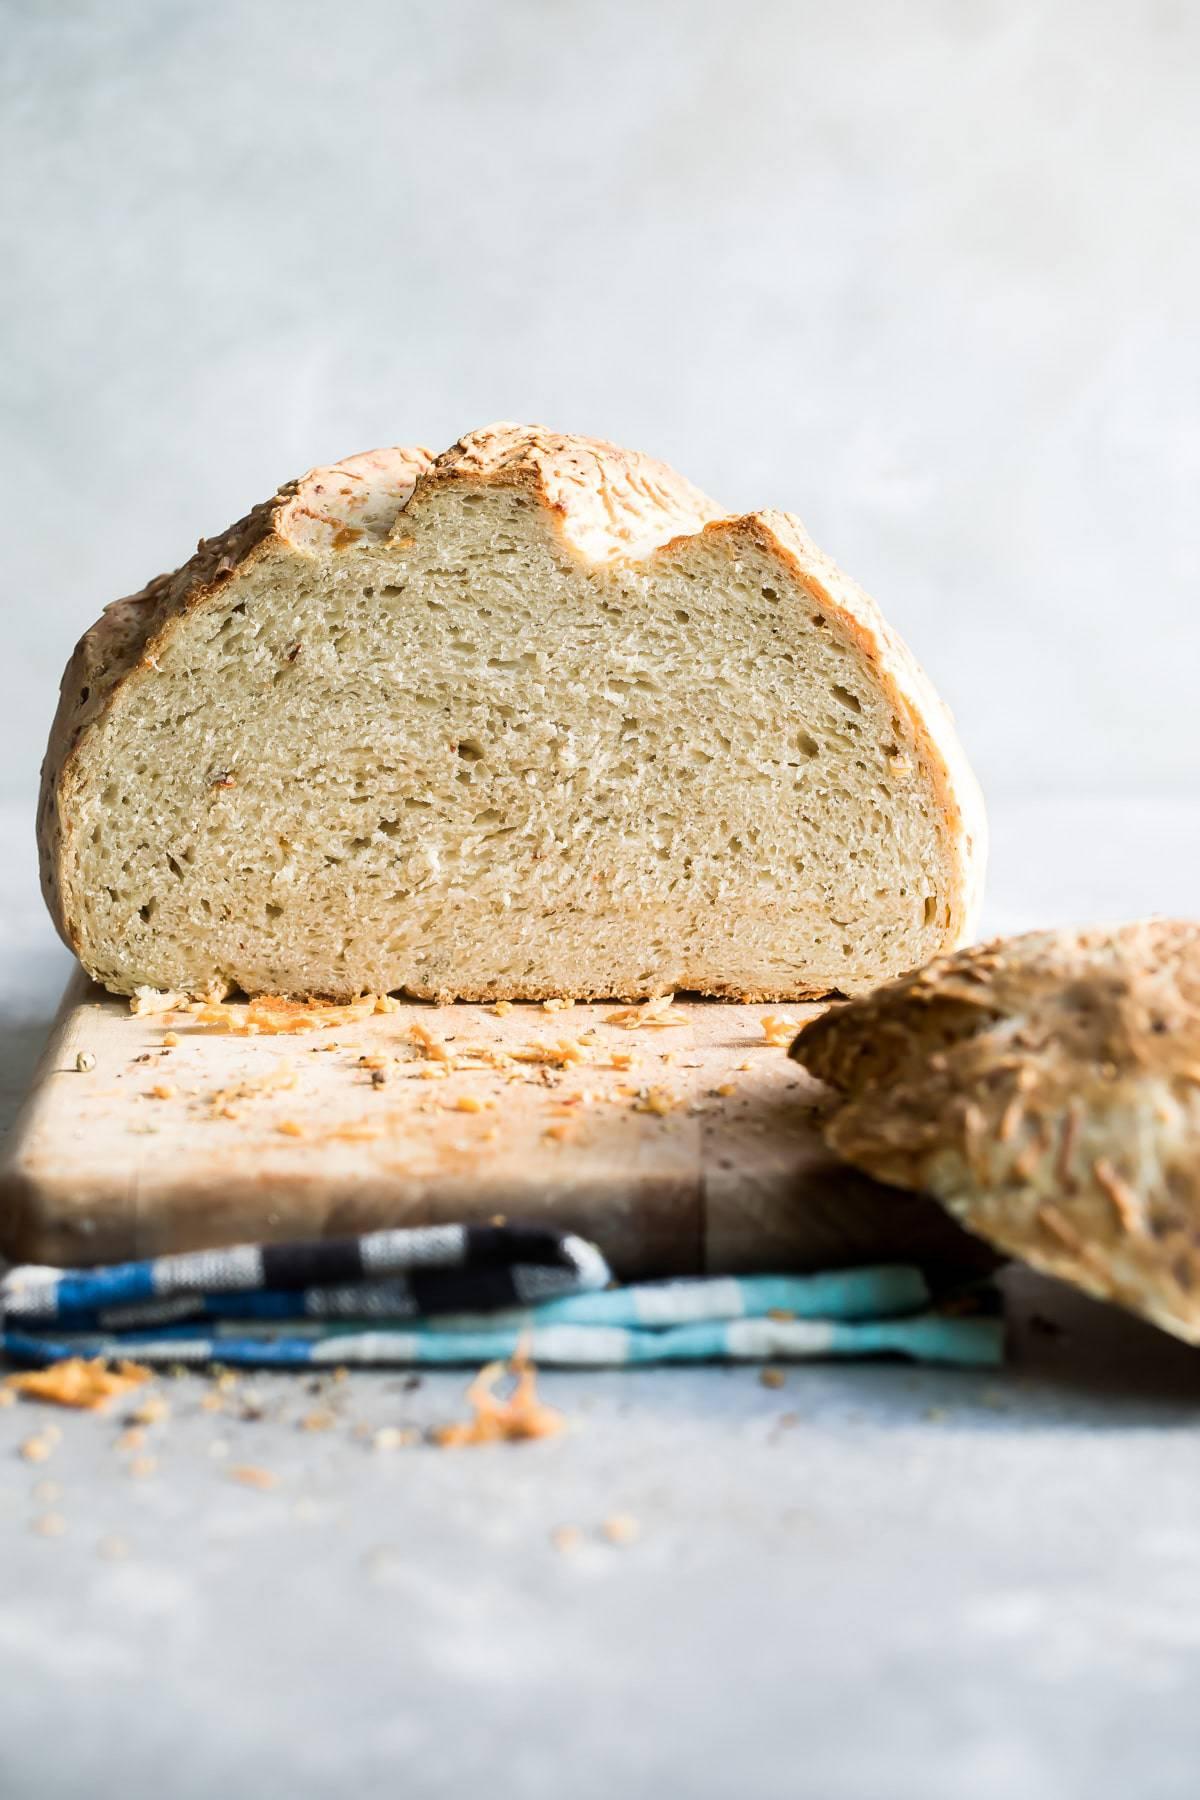 an asiago crusty bread loaf sliced in half